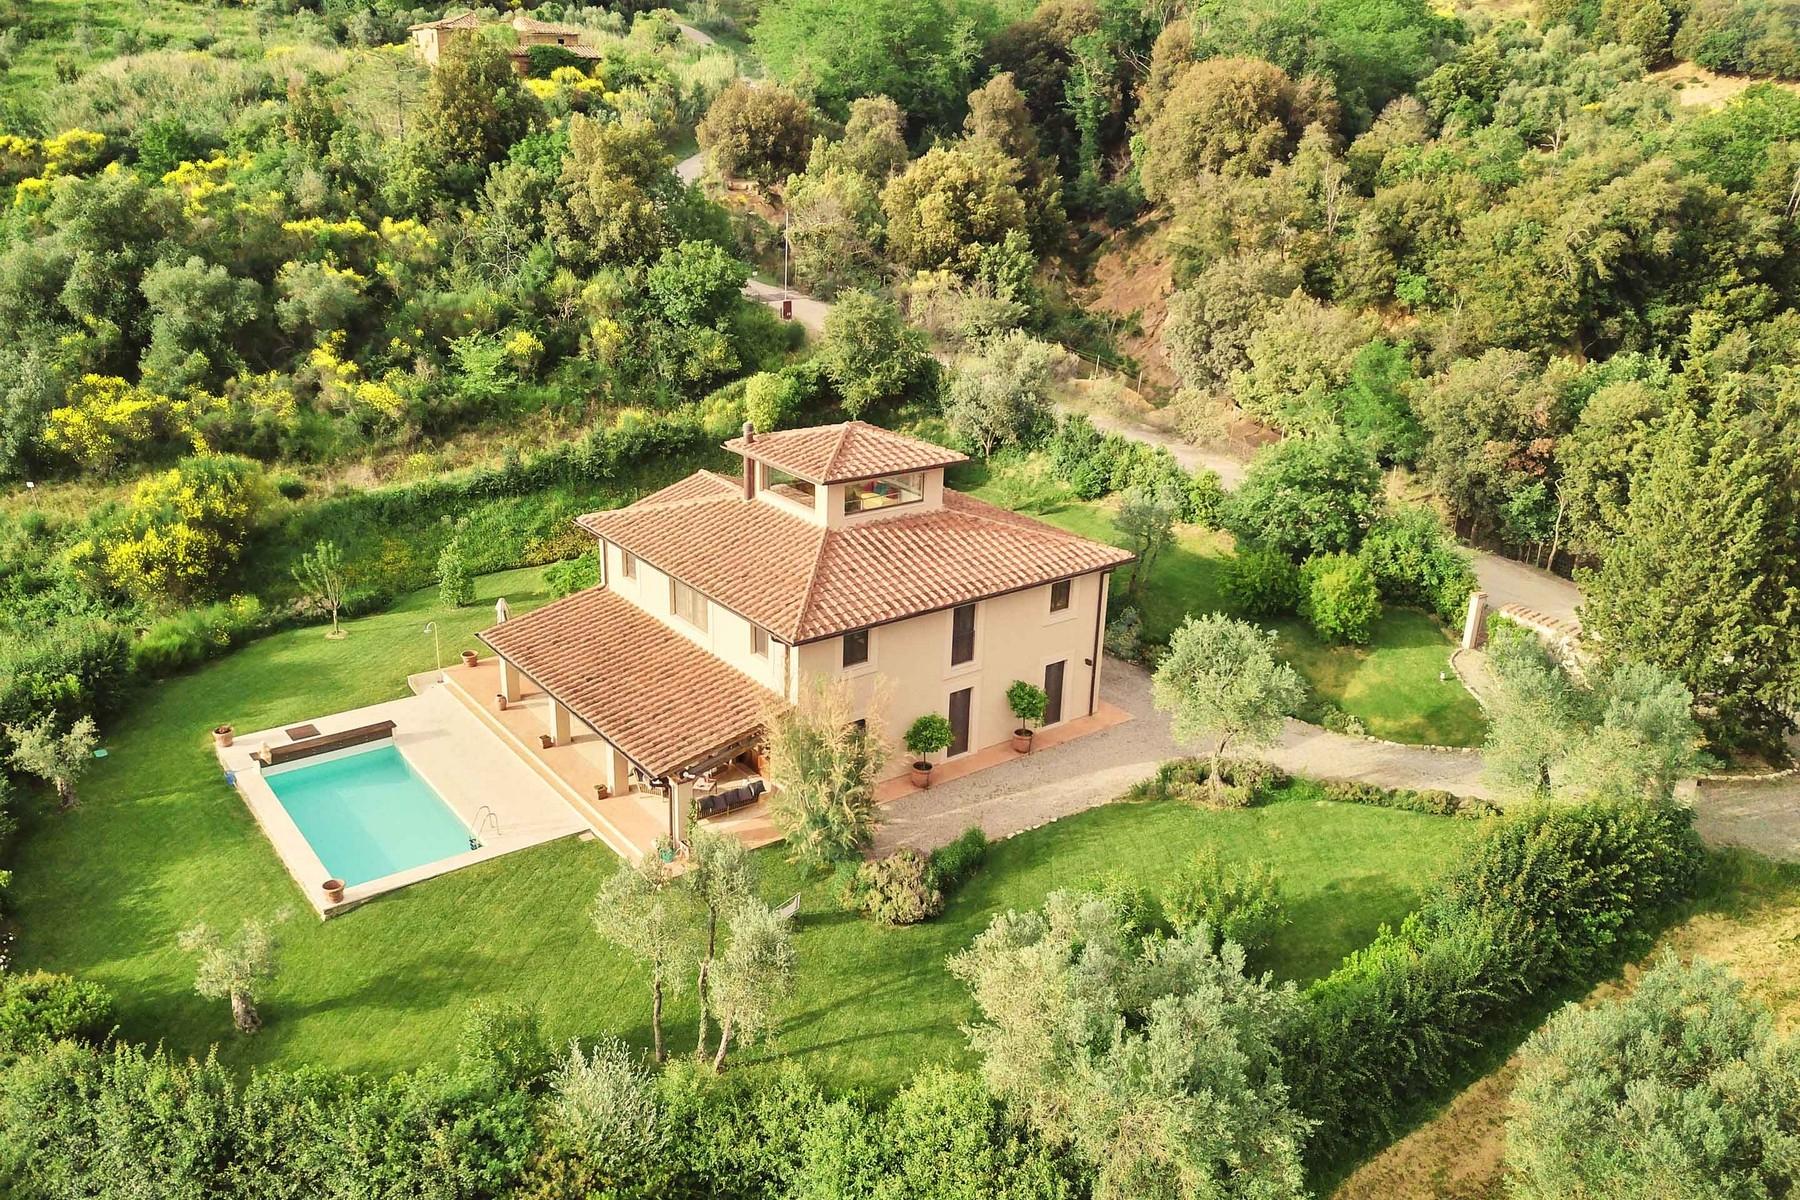 Villa in Vendita a Montaione: 5 locali, 360 mq - Foto 15